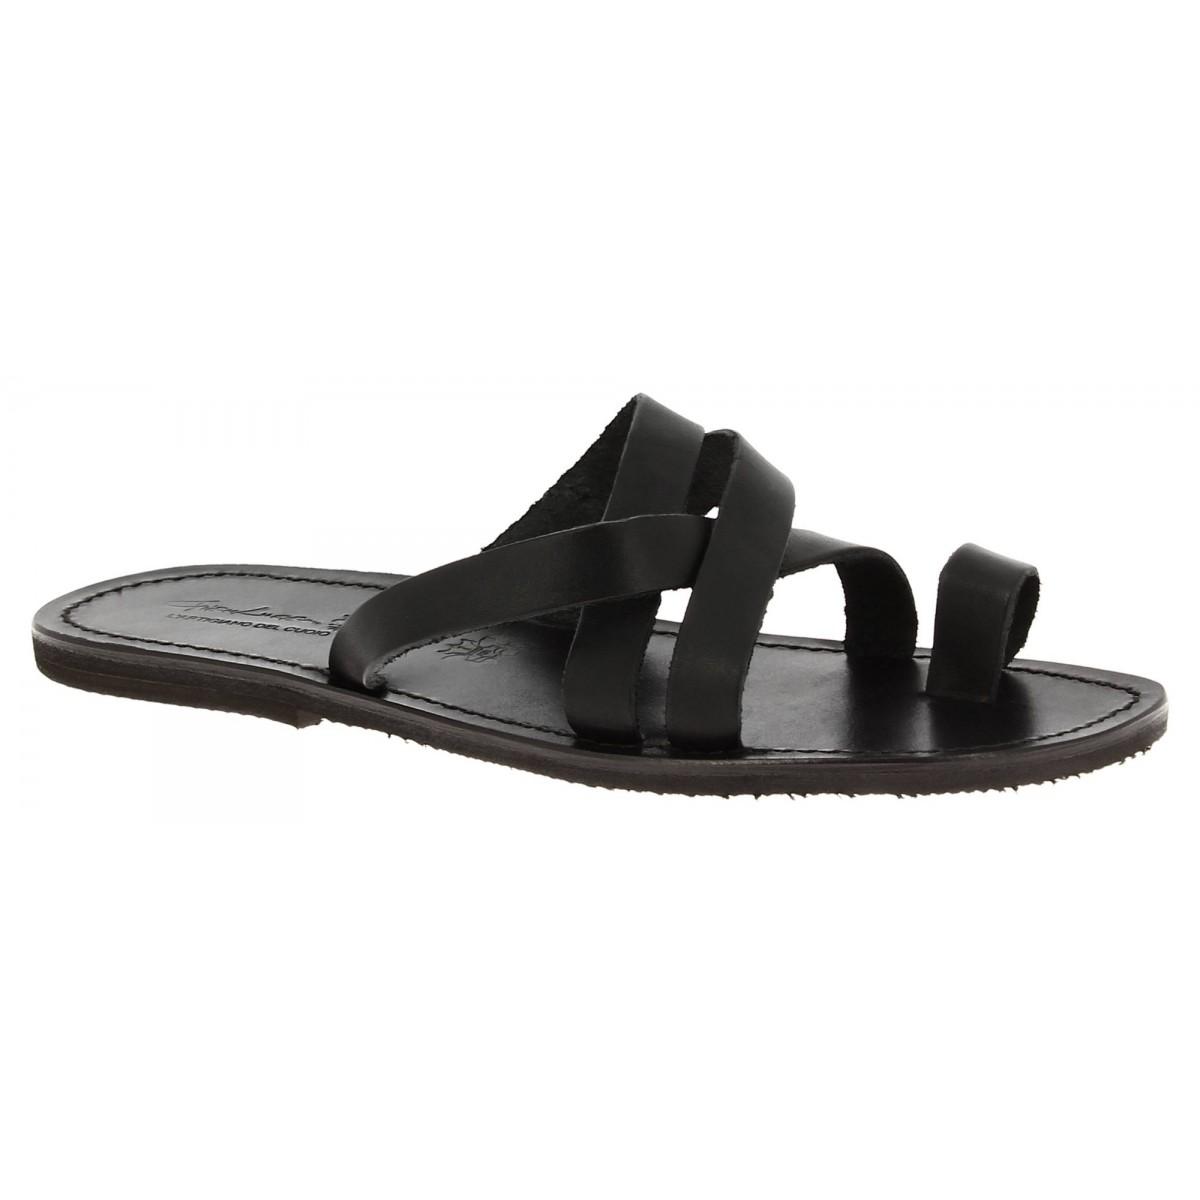 mens black leather flip flops